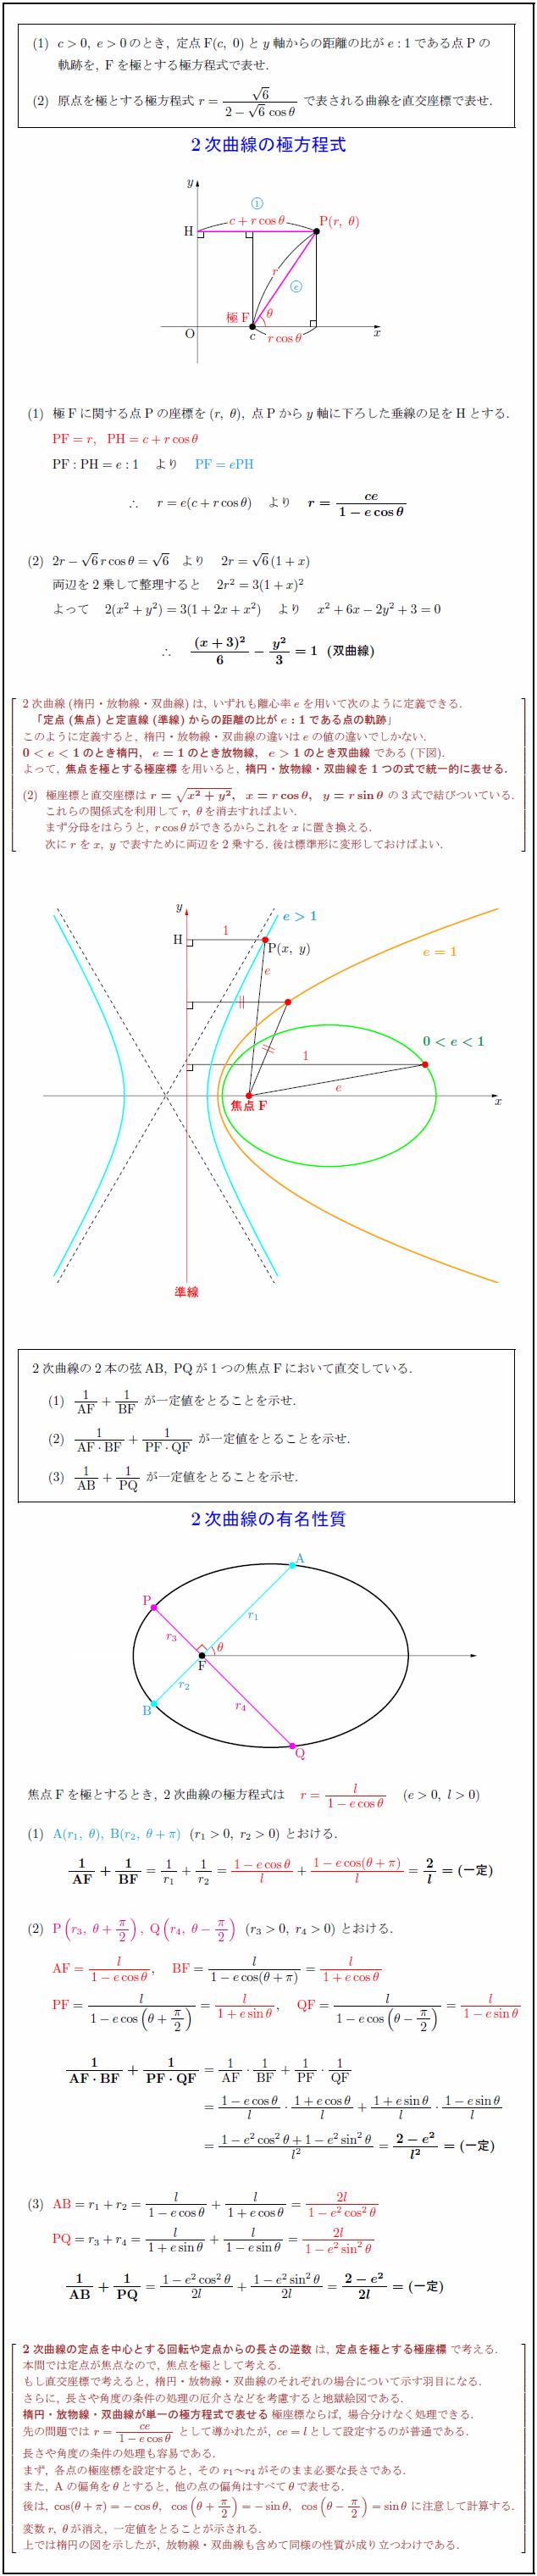 quadratic-curve-polarequation